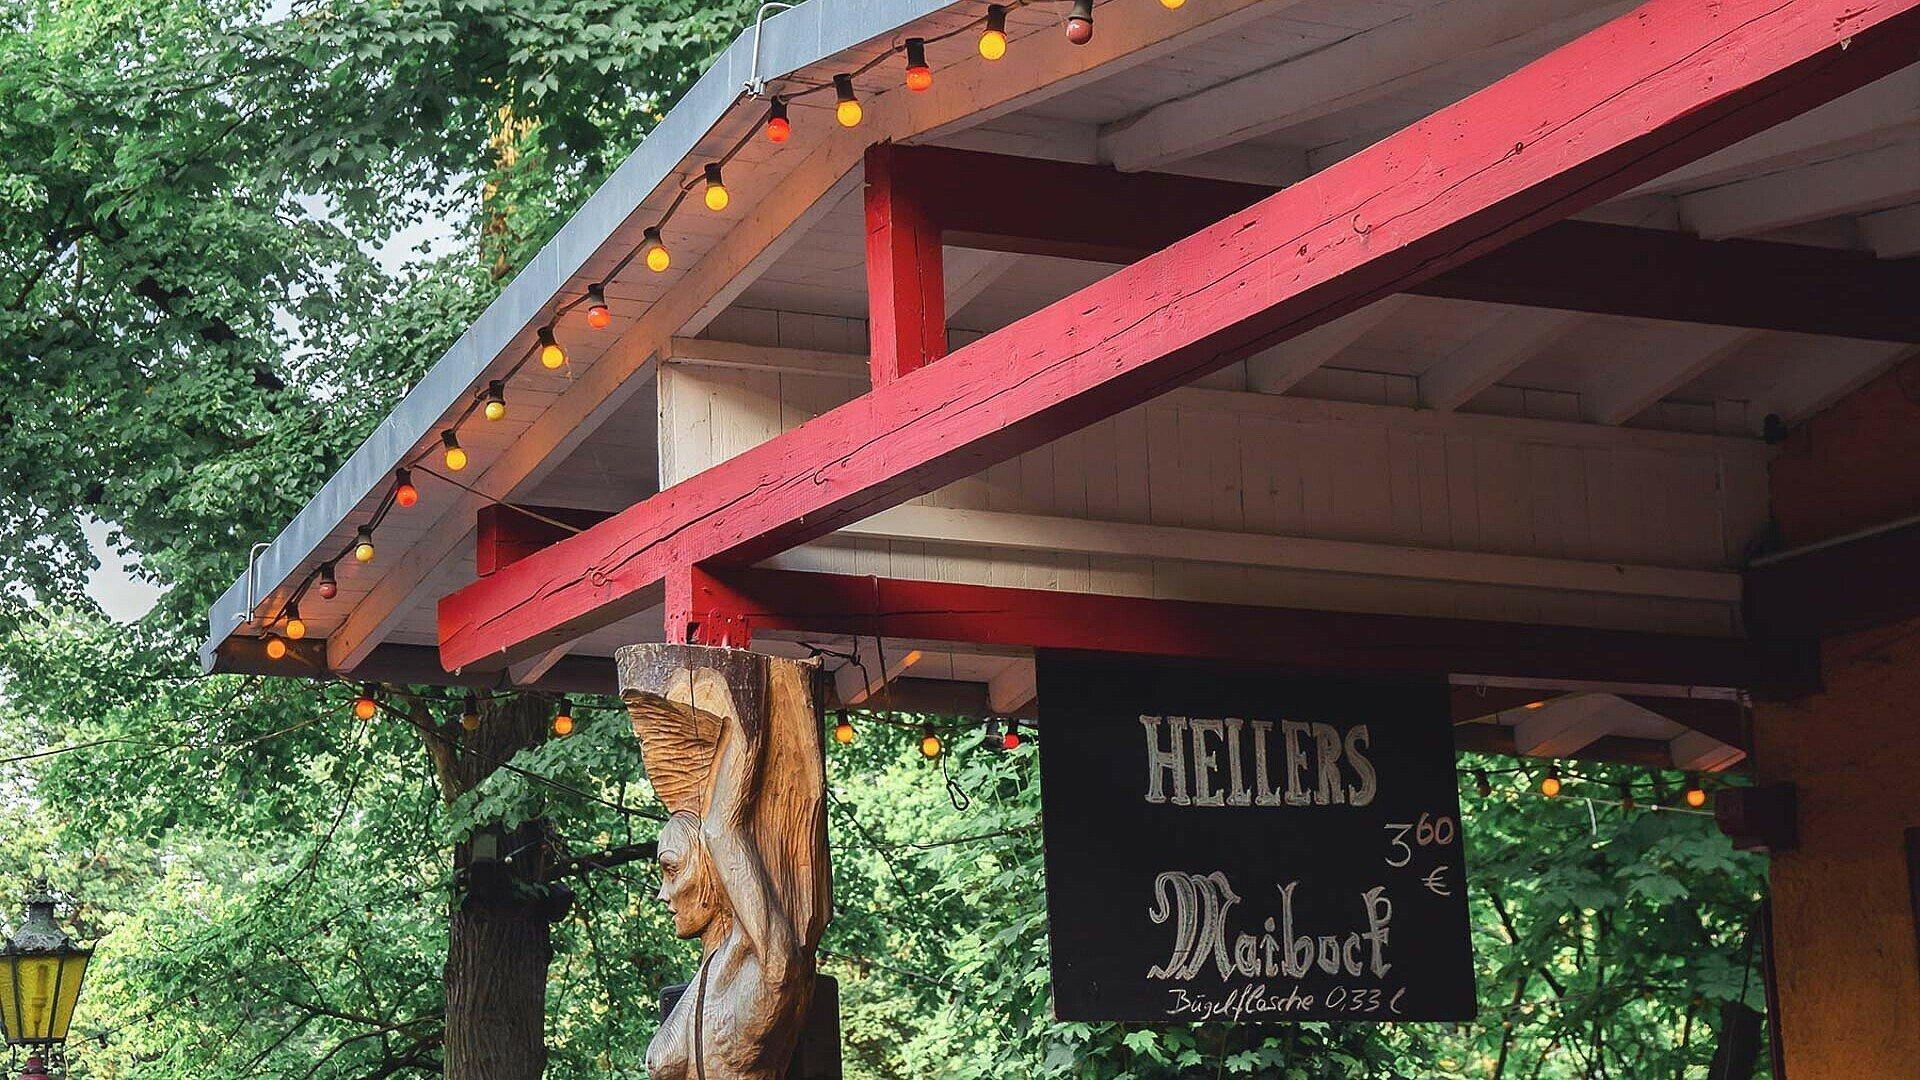 Hellers Volksgarten in Köln